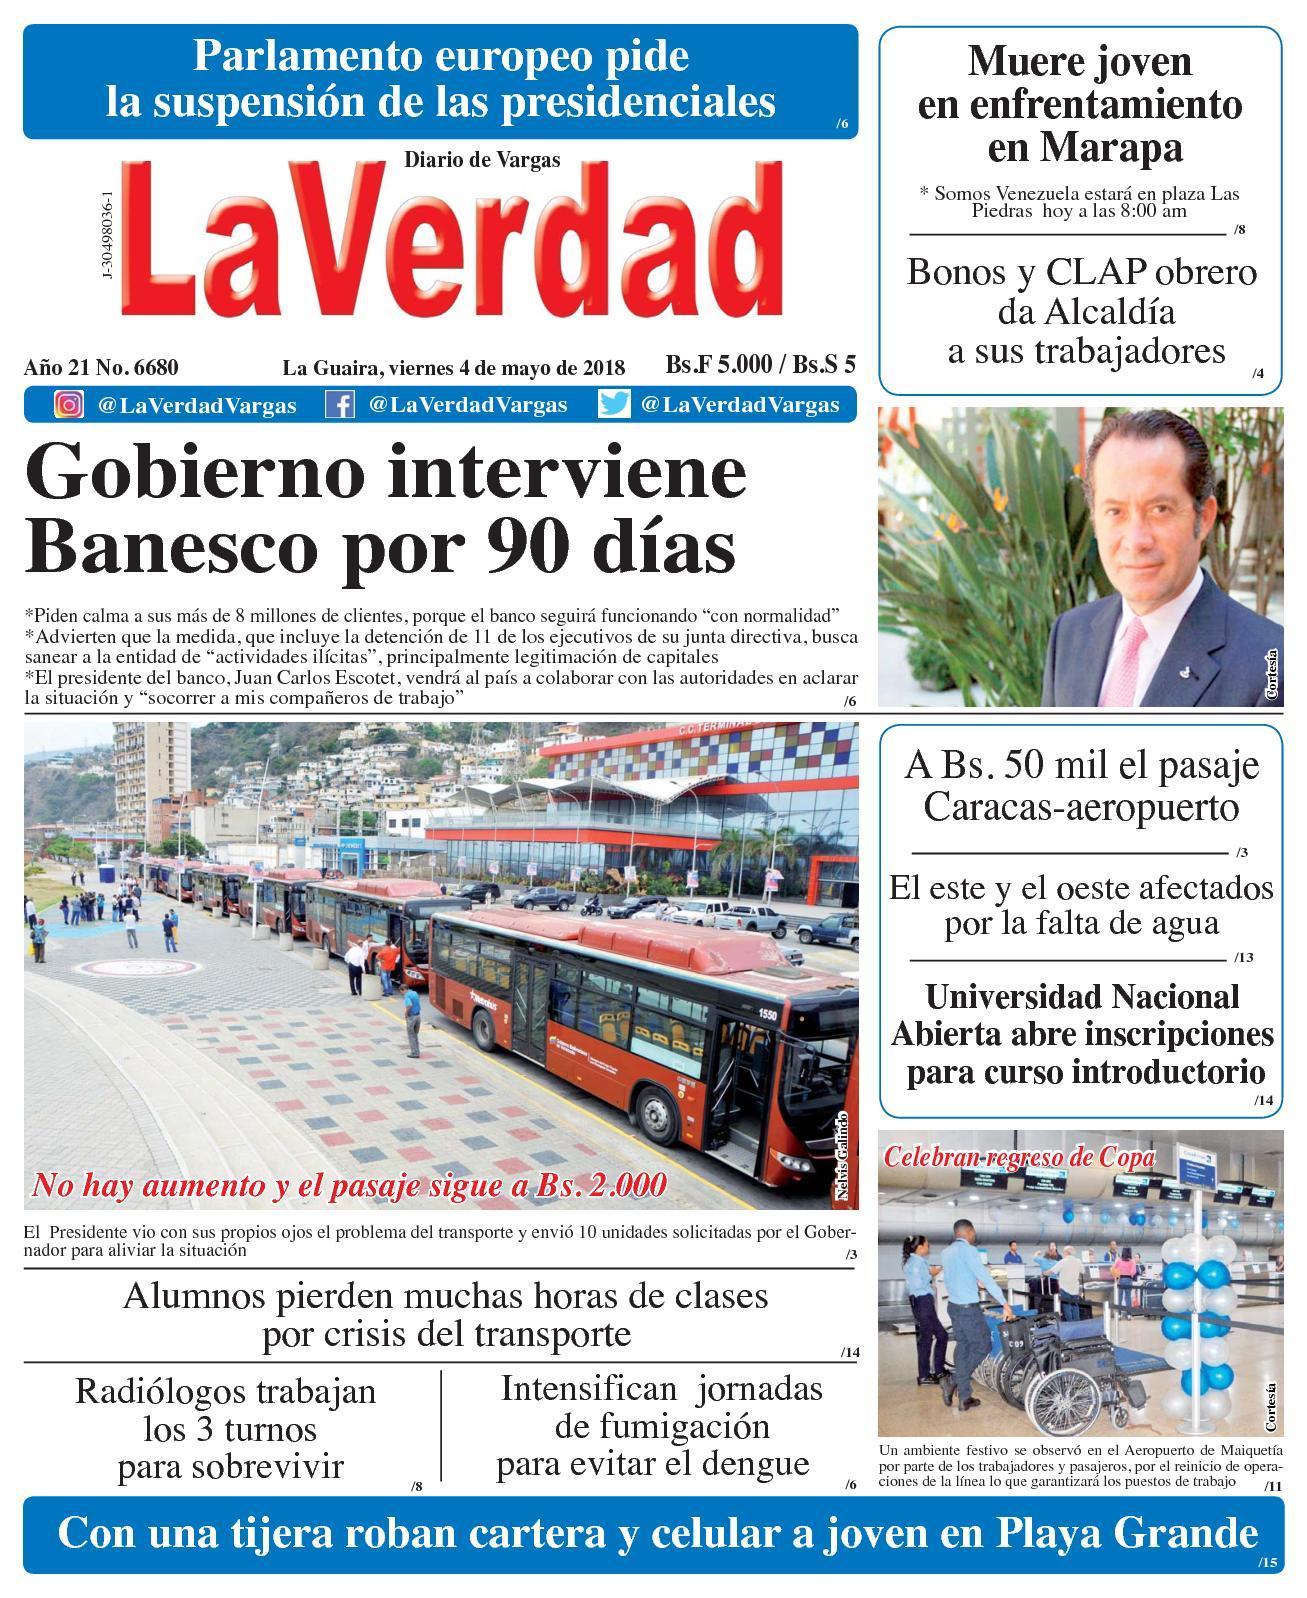 Calaméo - La Guaira, Viernes 4 De Mayo De 2018 Año 20 No 6680